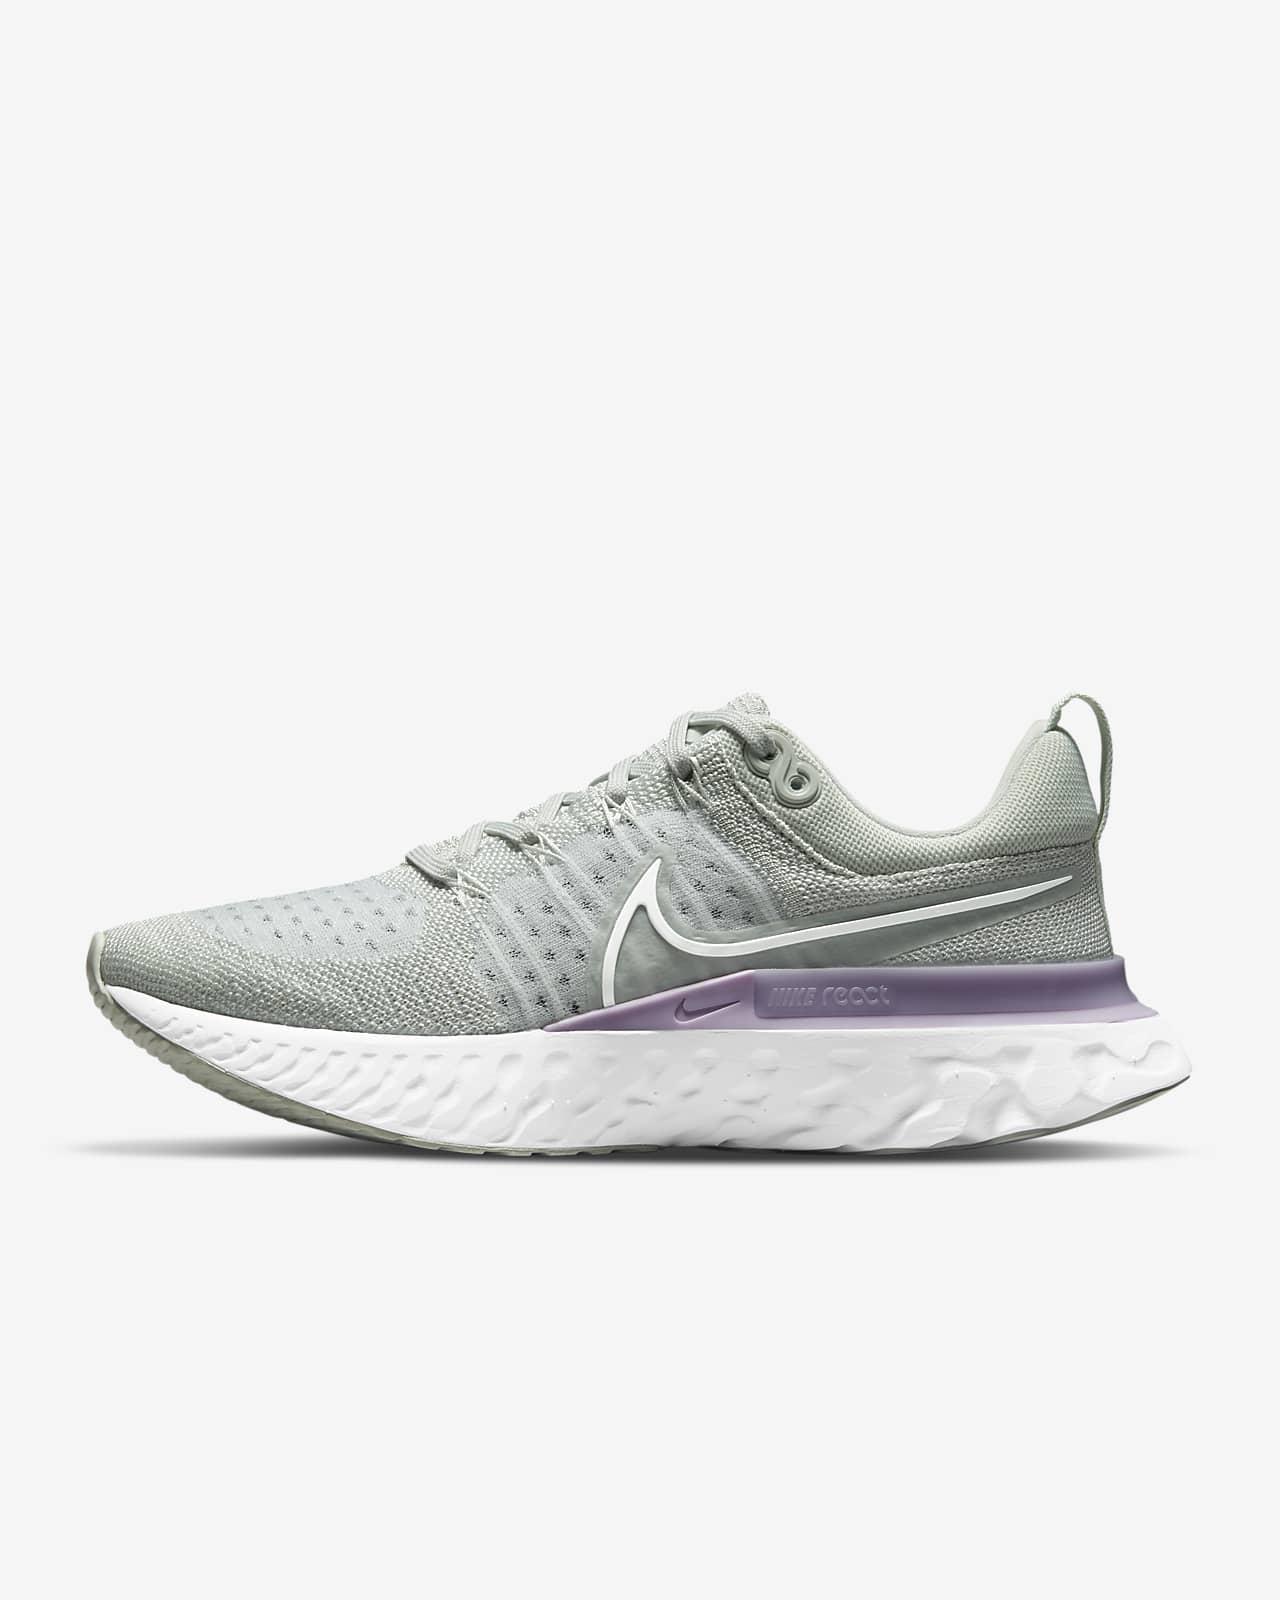 Löparsko Nike React Infinity Run Flyknit 2 för kvinnor